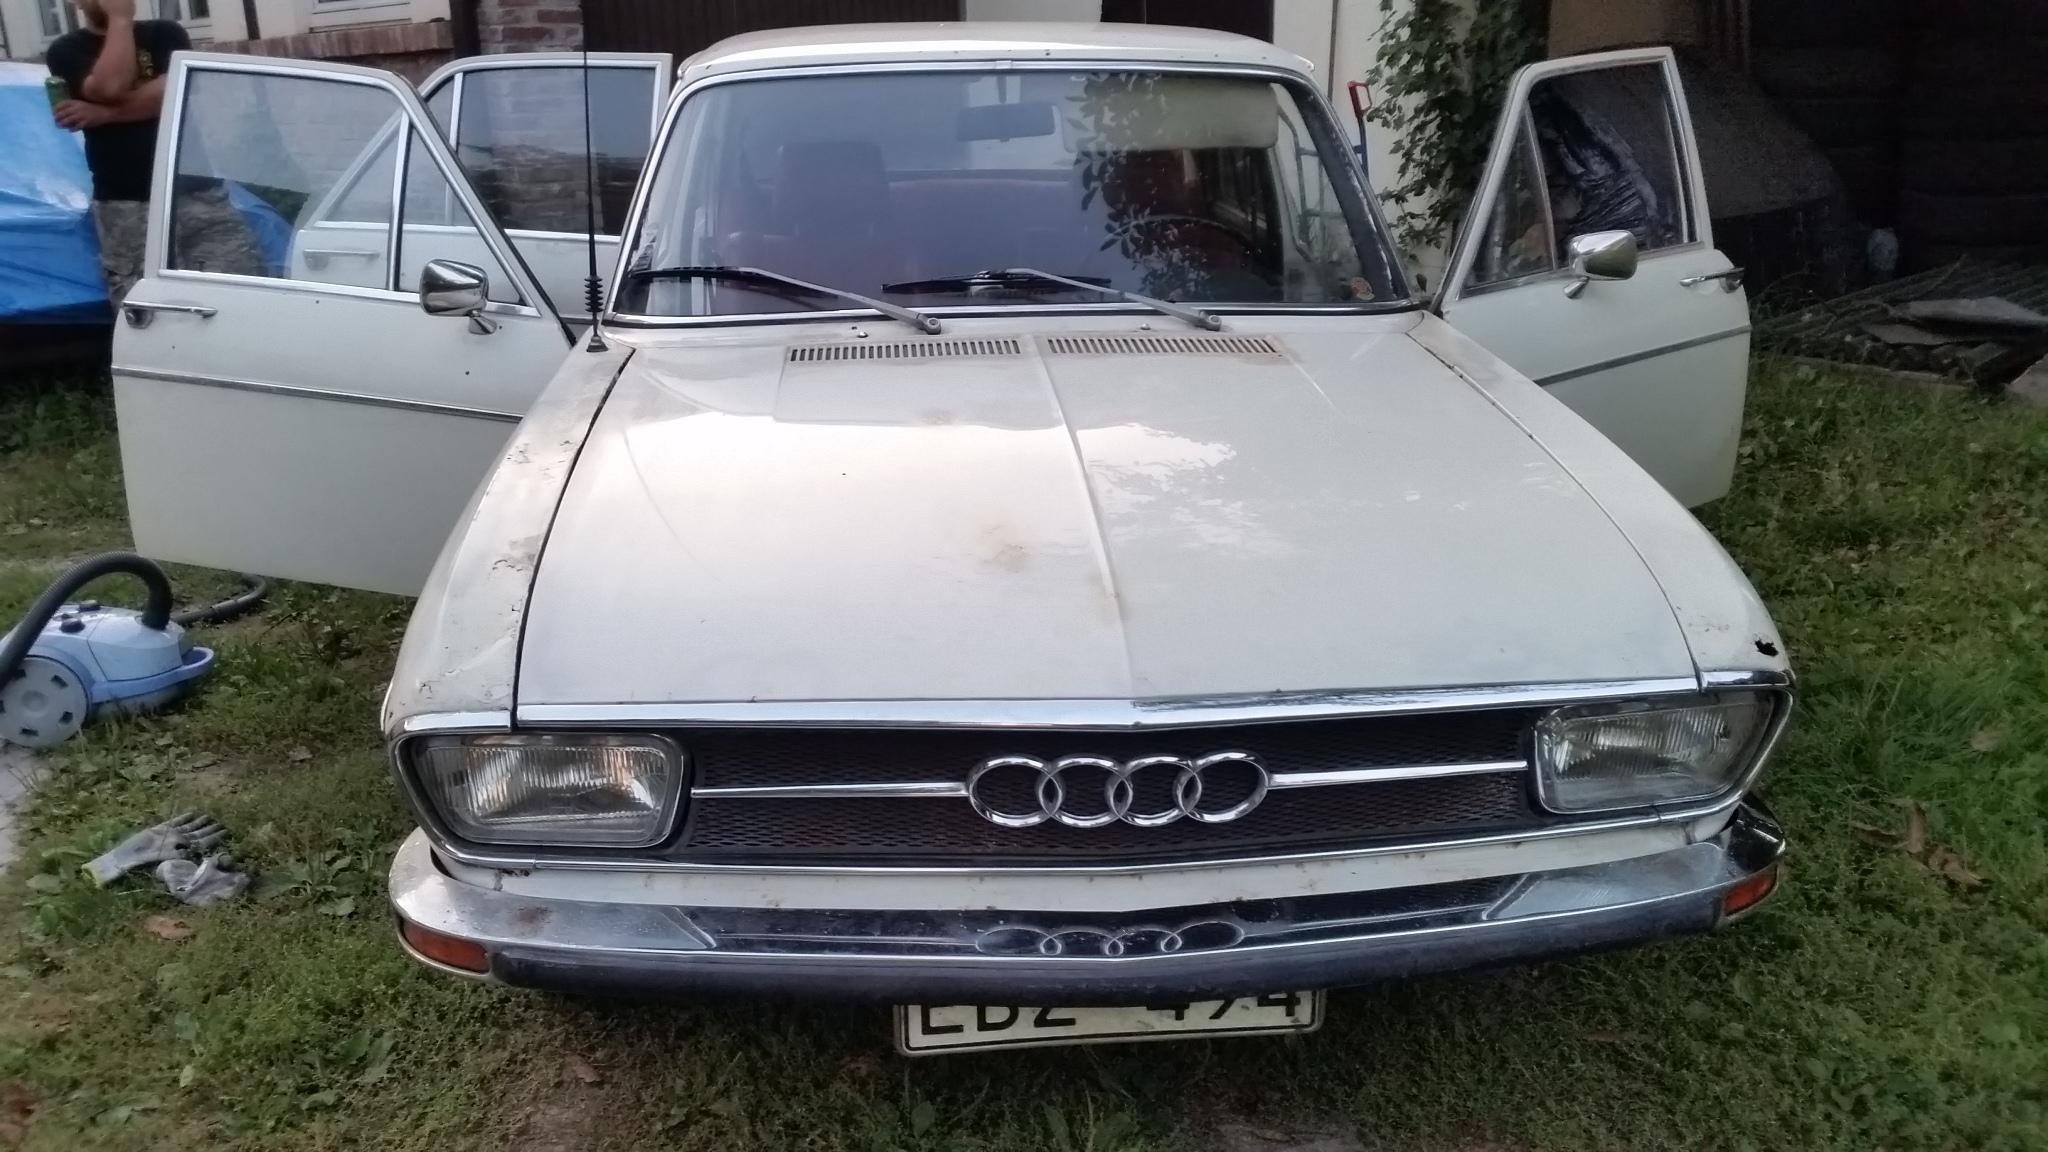 Audi 100 Ls C1 1972 Automatic 7058418295 Oficjalne Archiwum Allegro